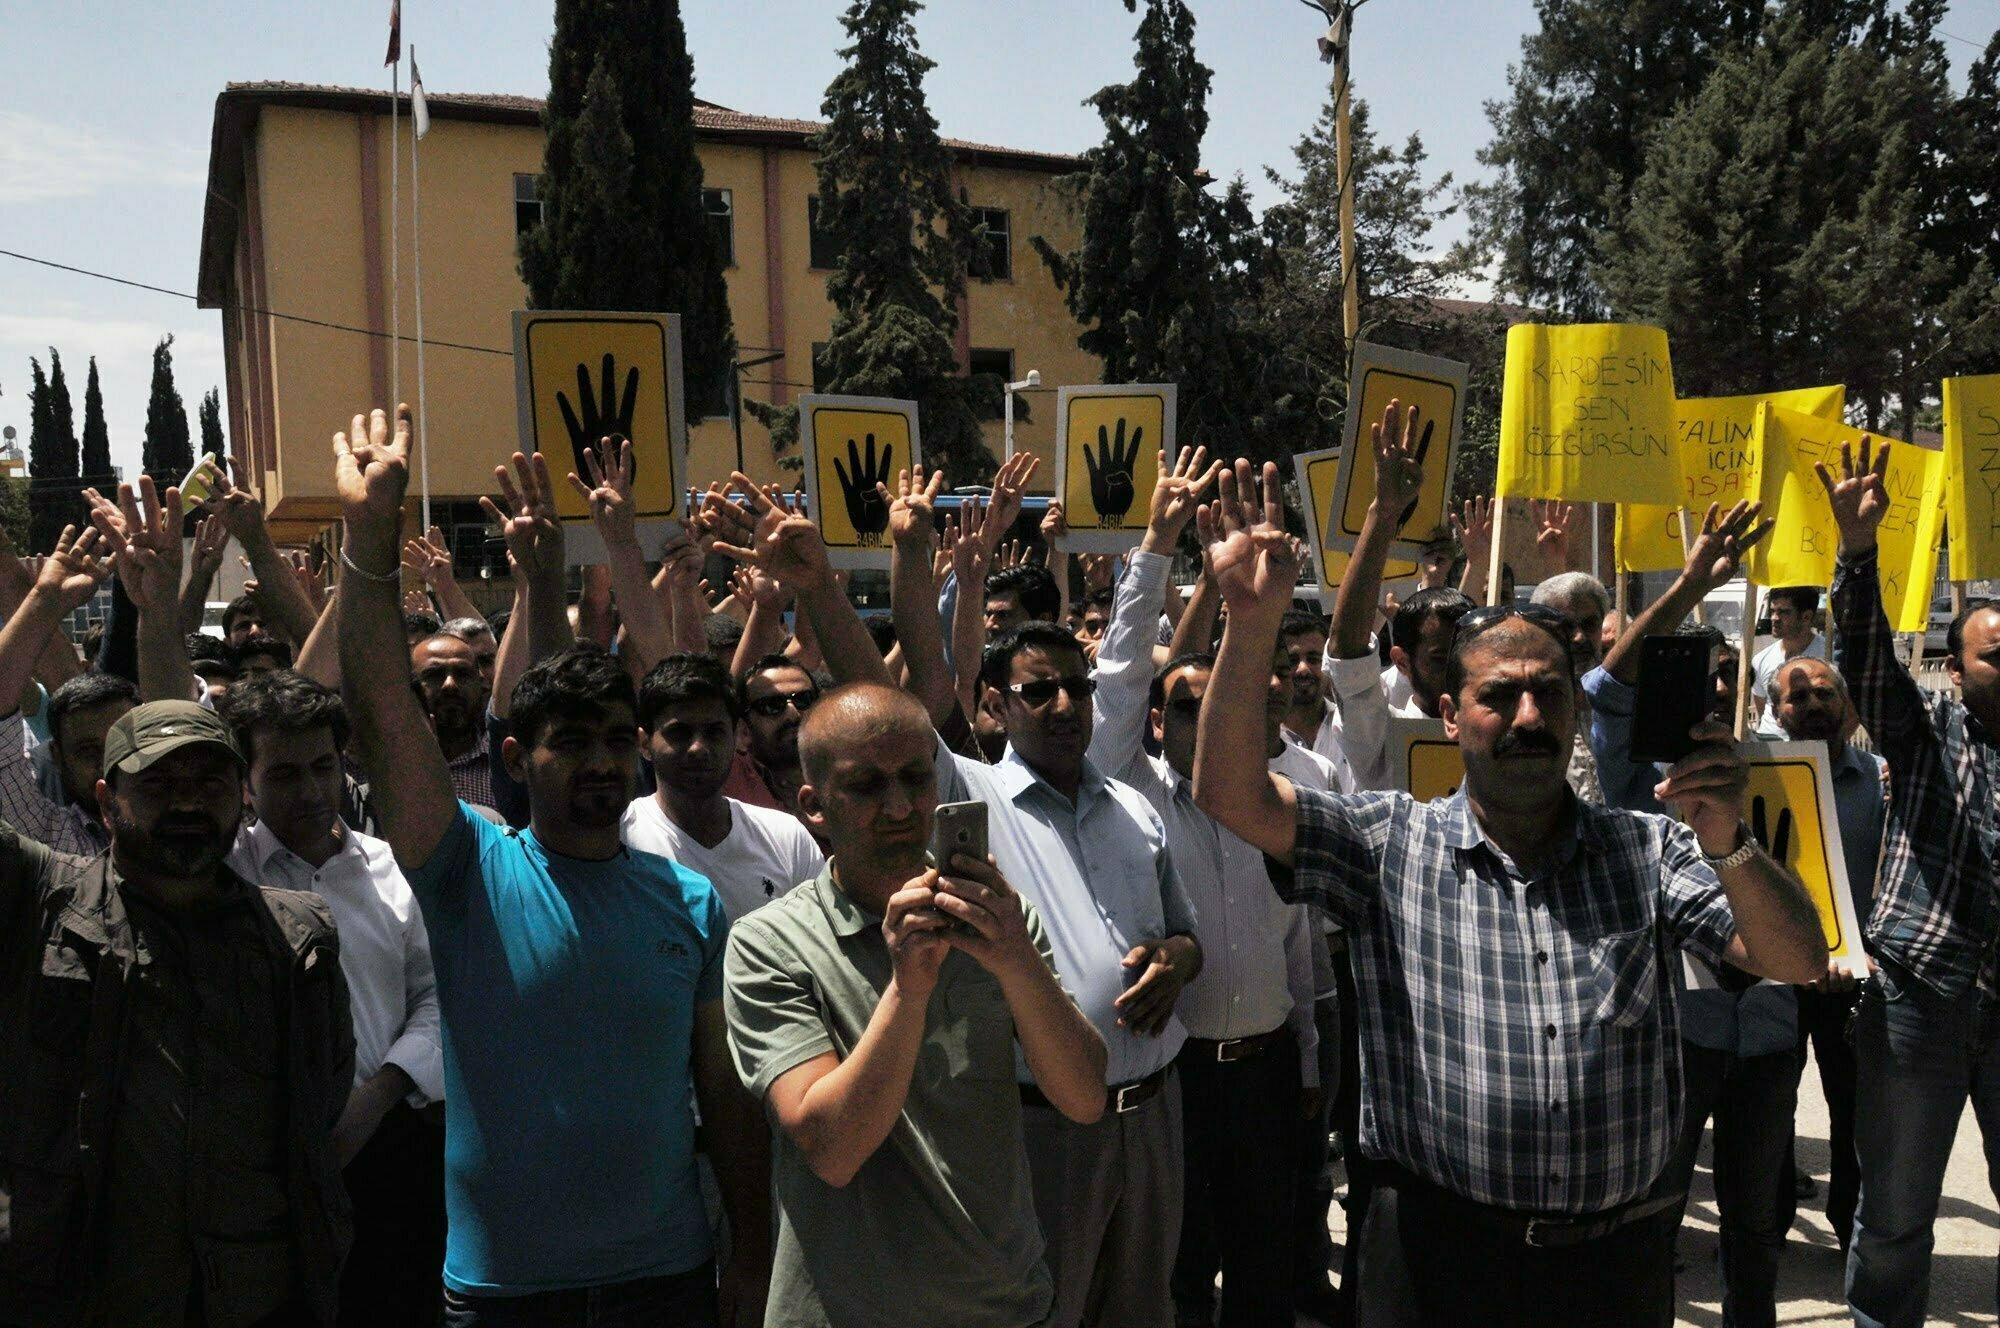 Reyhanlı İlçesi'nde Mursi'ye destek eylemi